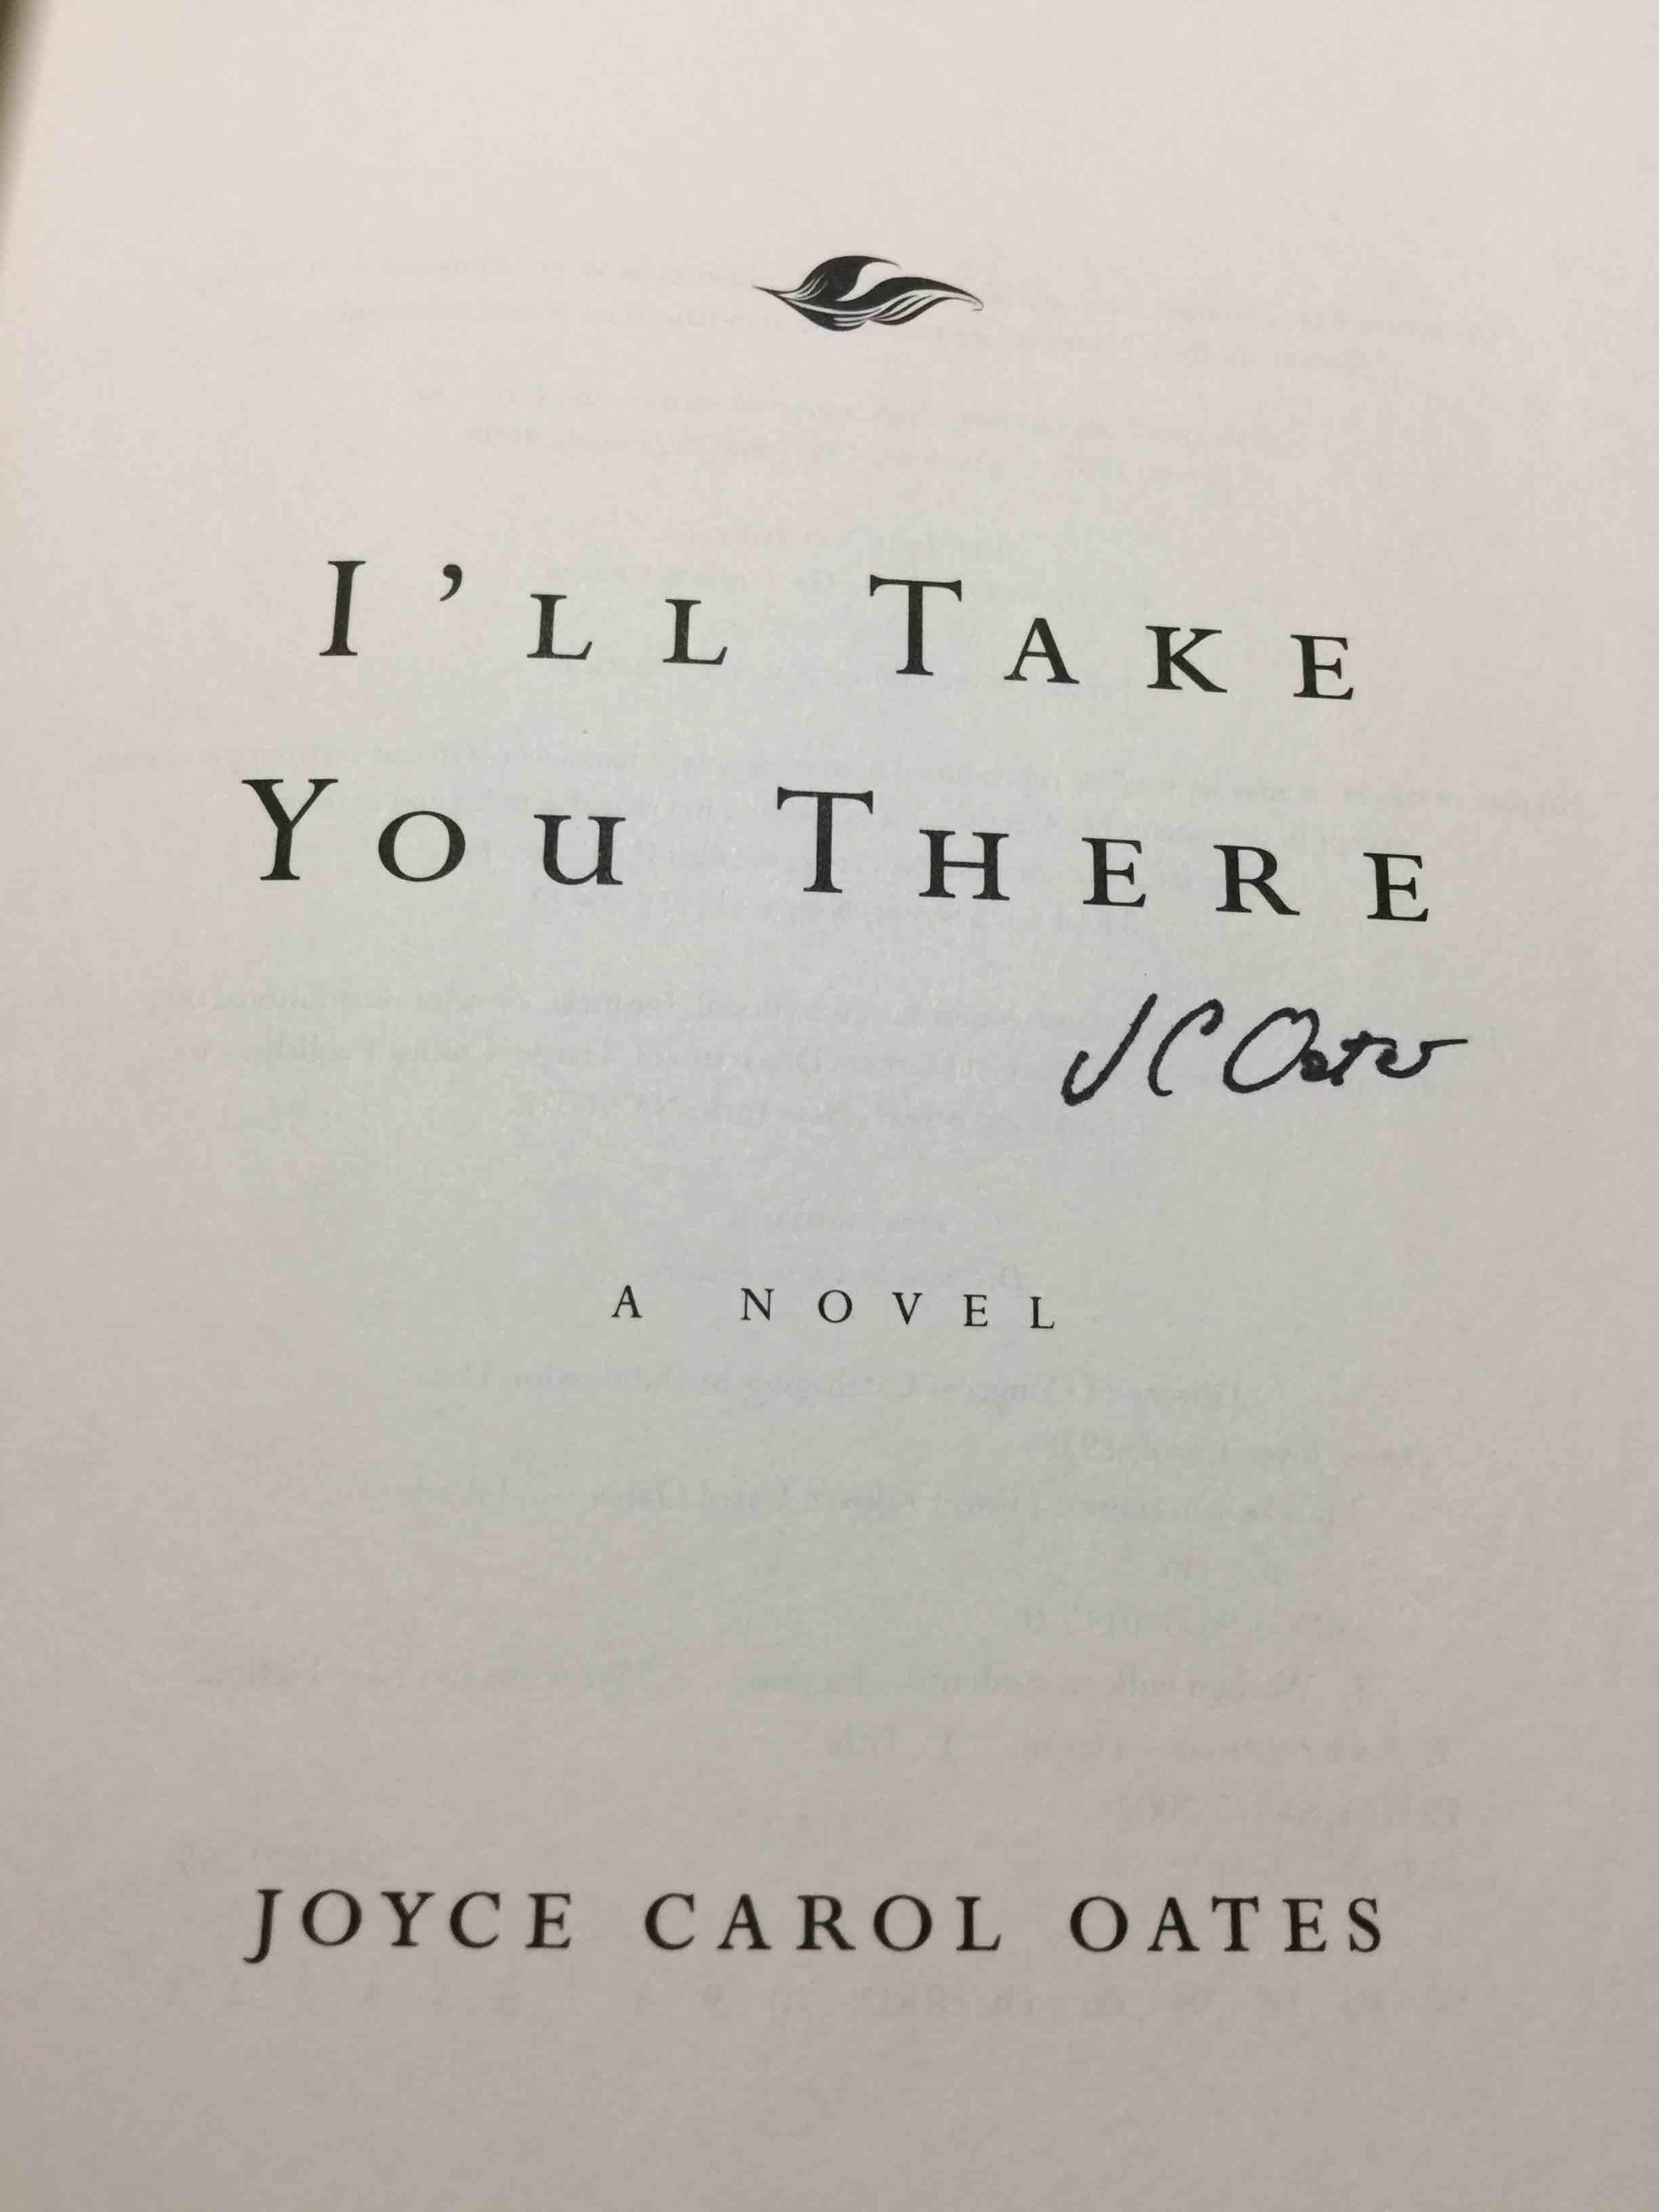 OATES, JOYCE CAROL. - I'LL TAKE YOU THERE.